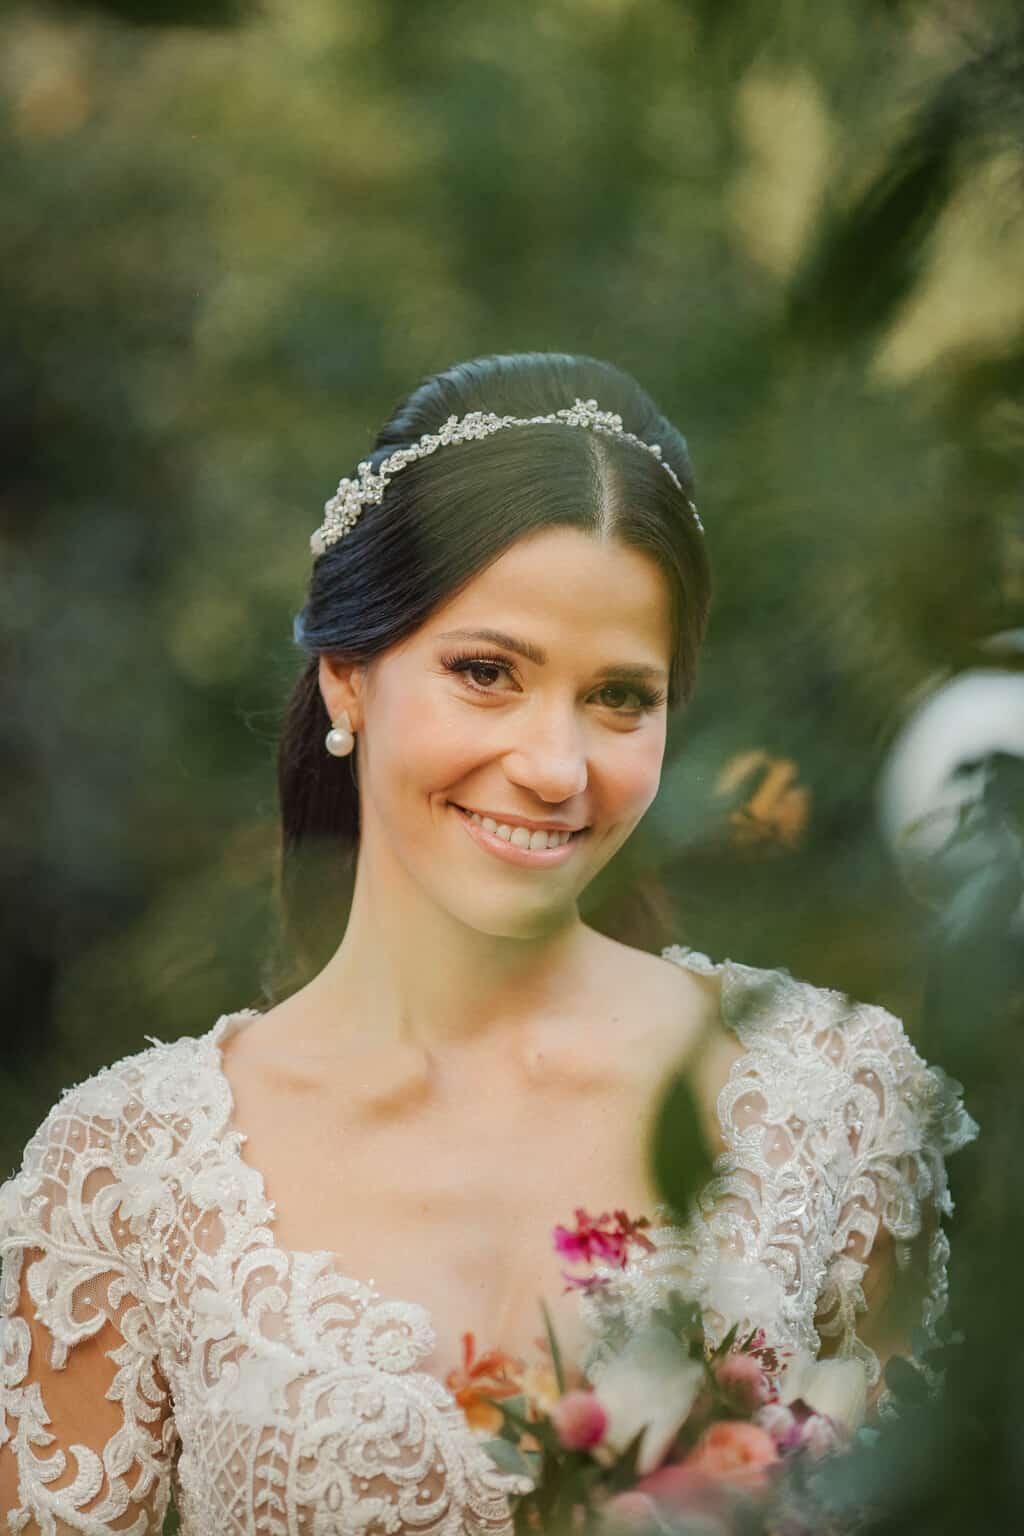 beleza-da-noiva-casamento-Beatriz-e-Joao-Fernando-Itaipava-Locanda-Della-Mimosa-Thienny-Tammis101